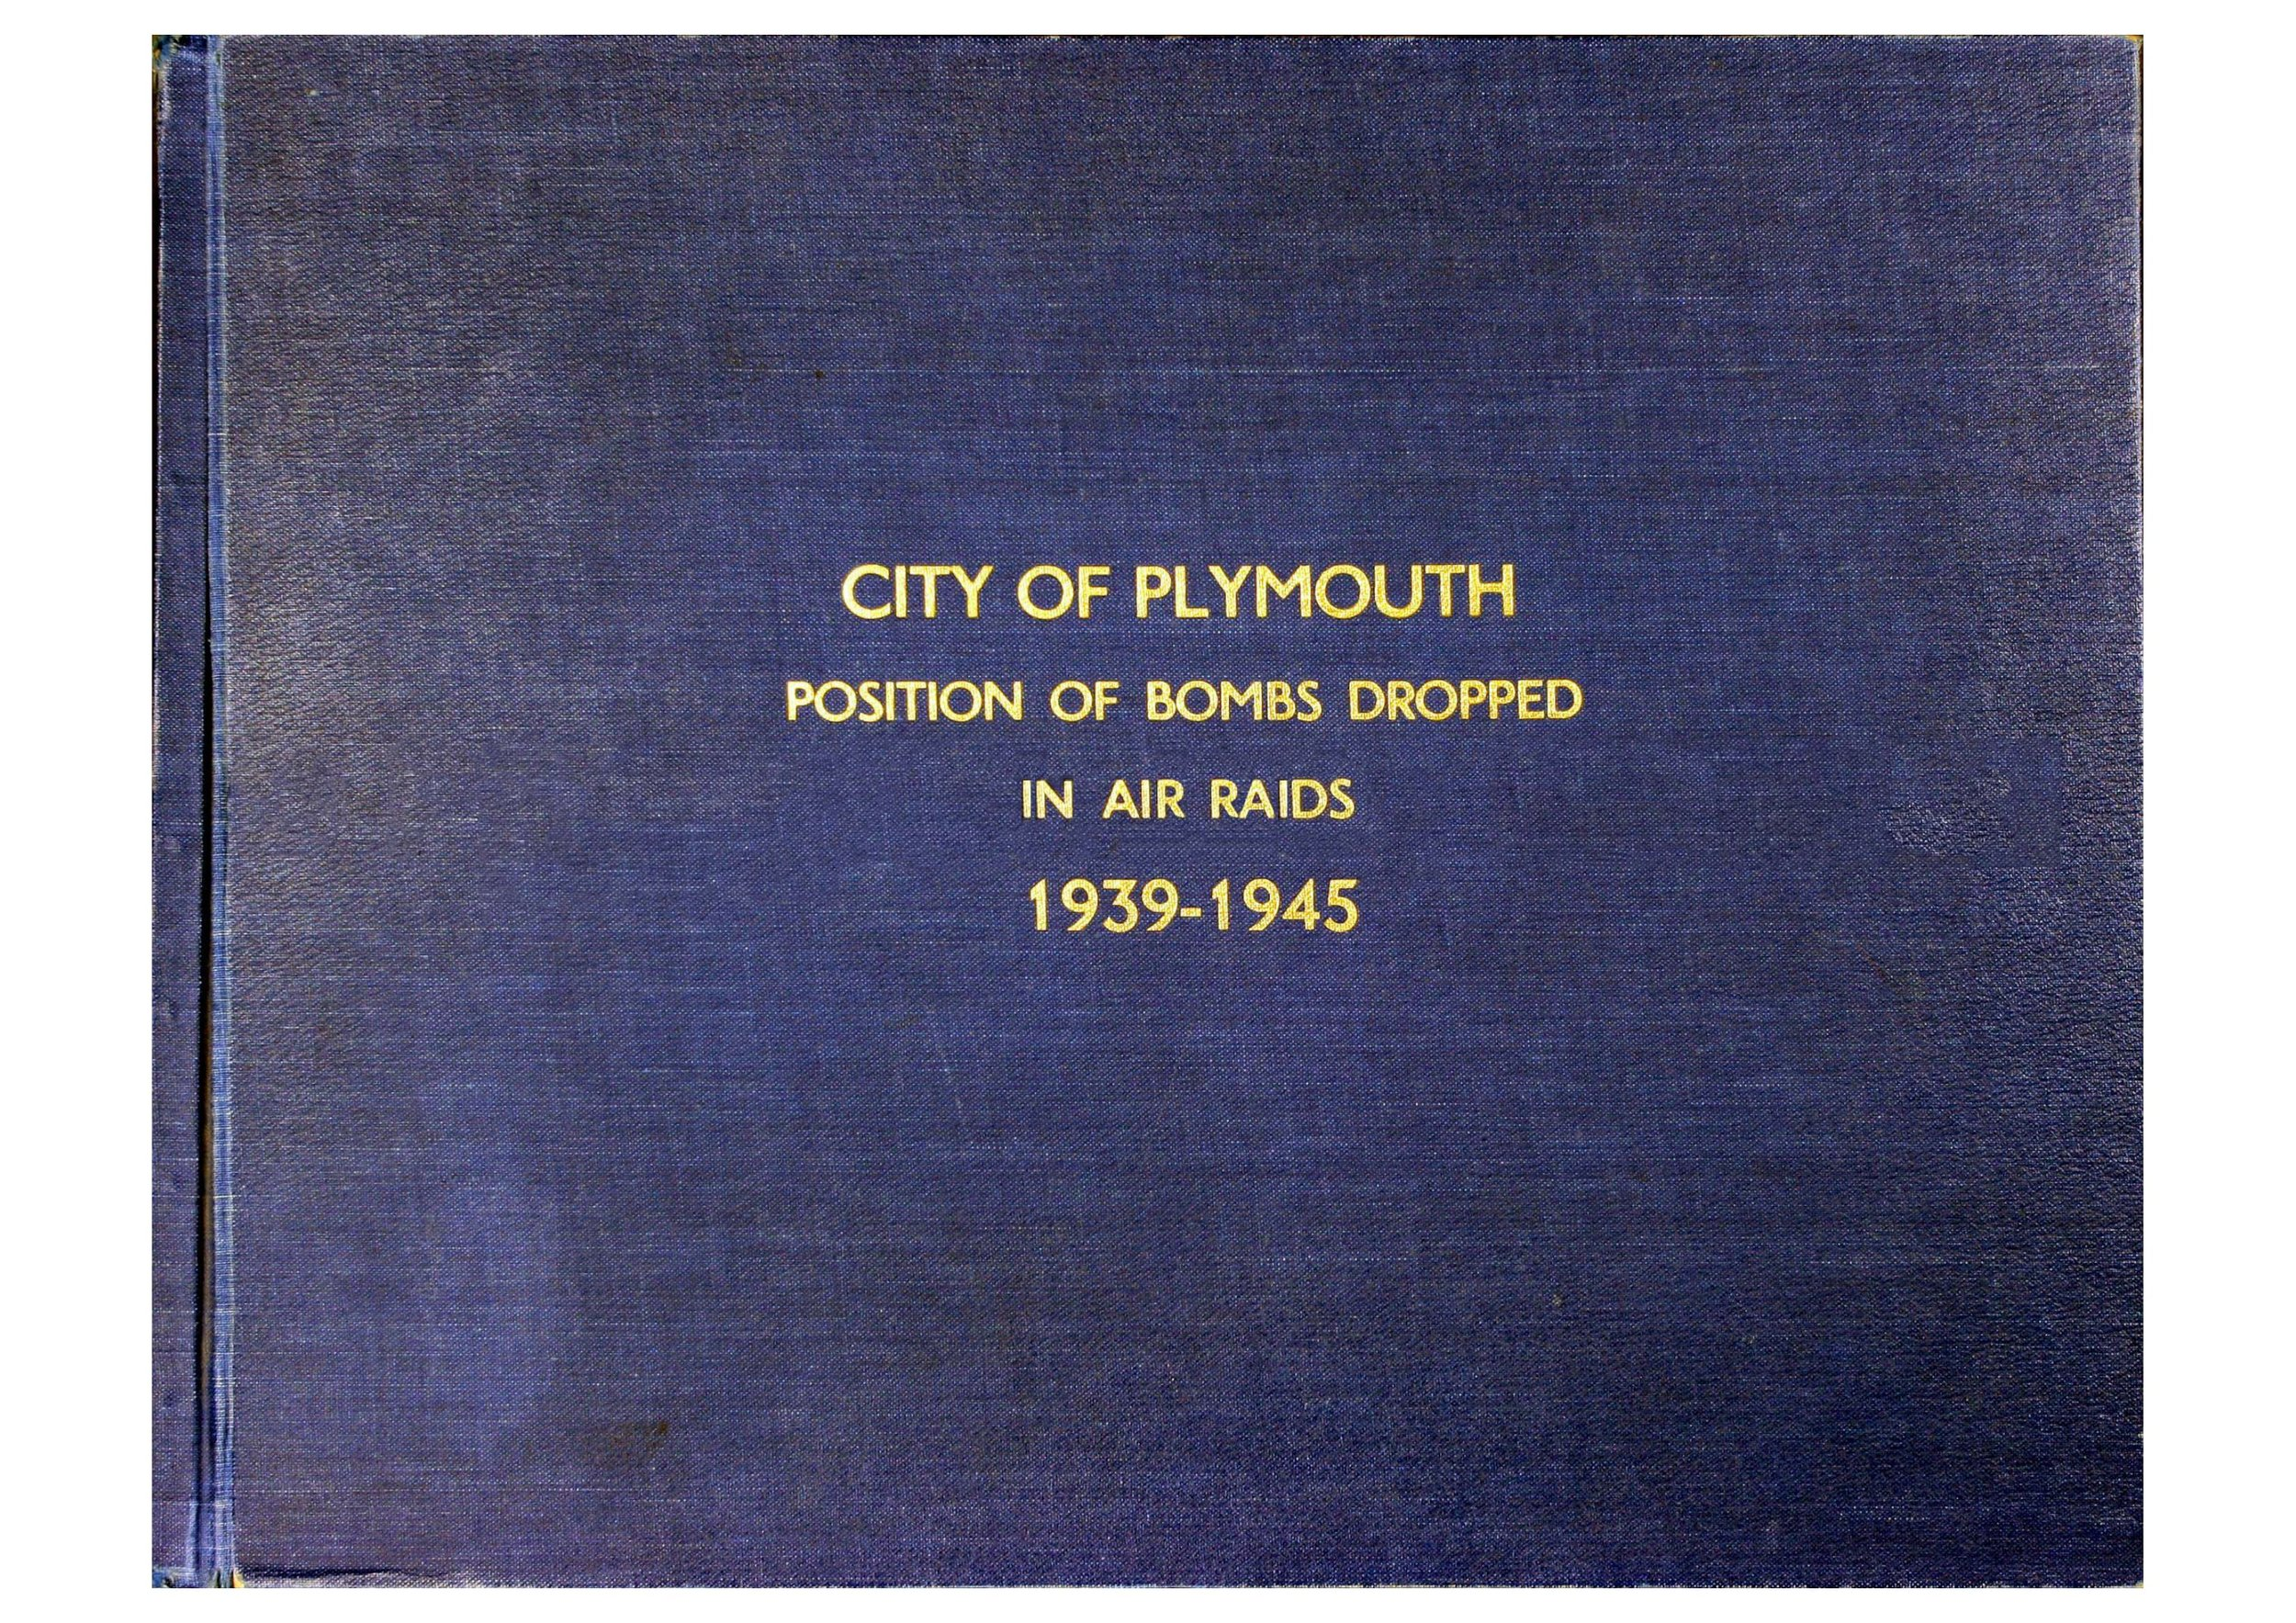 Plymouth air raids.compressed-01.jpg